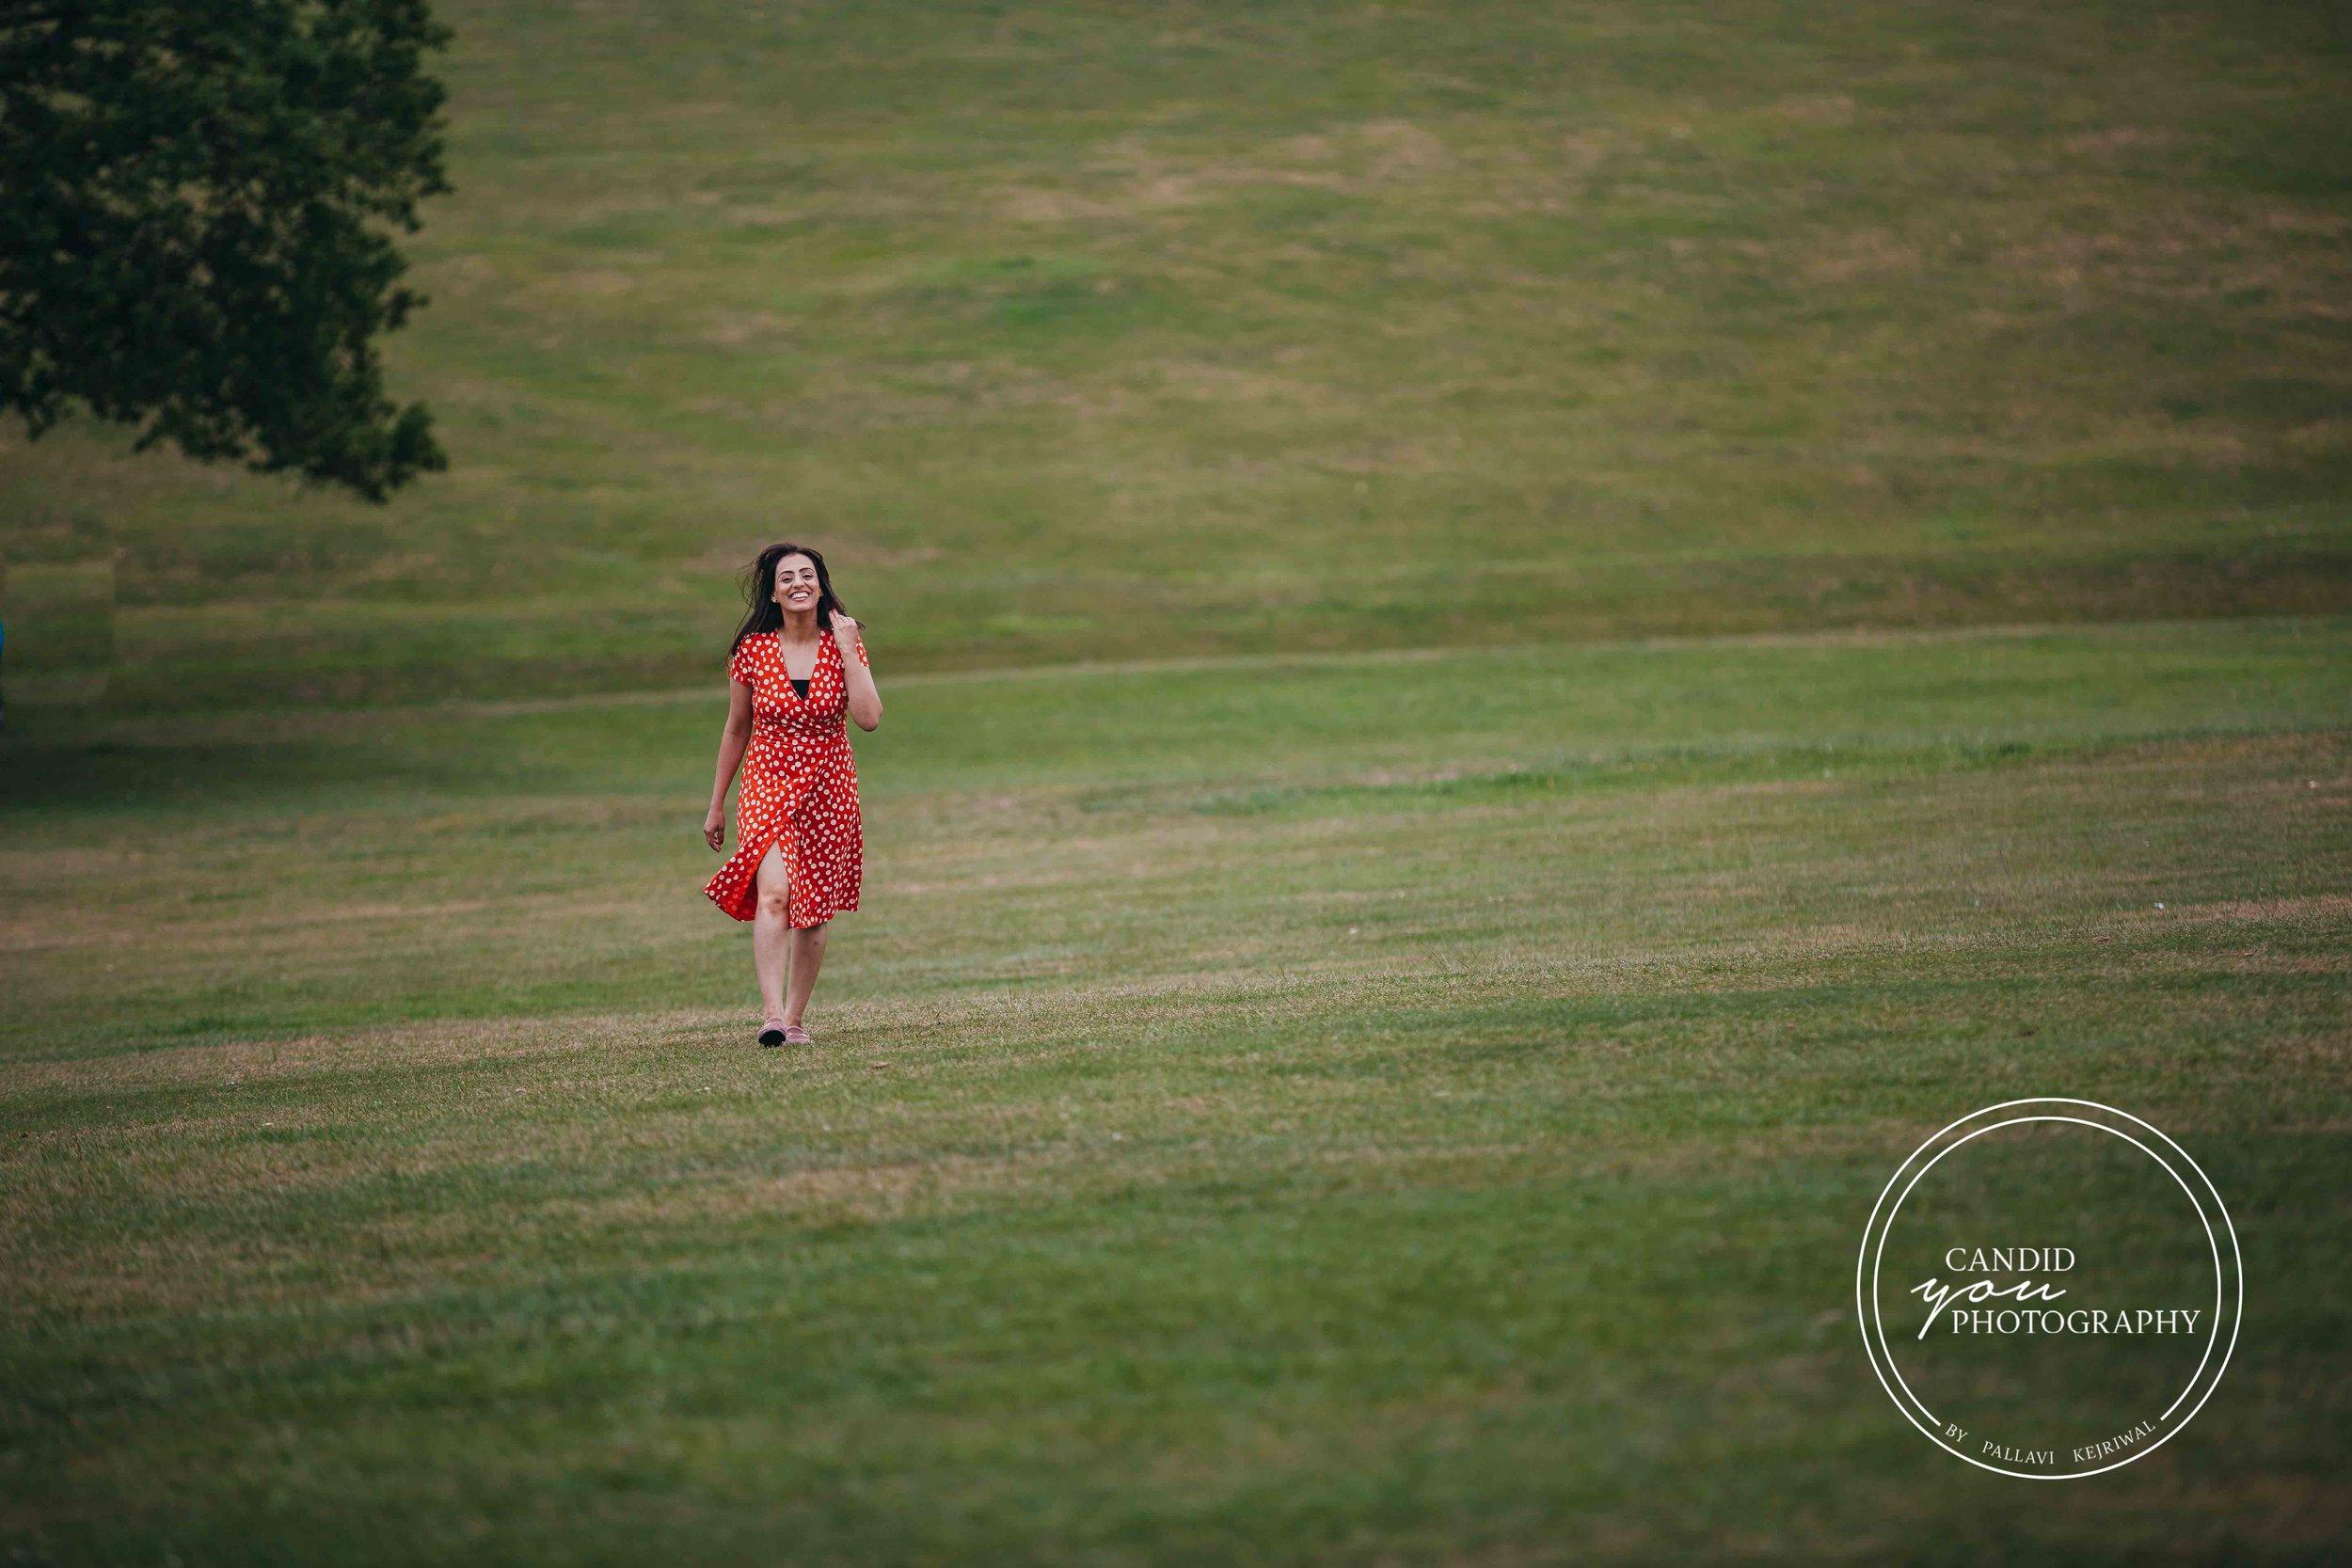 beautiful lady walking in park in orange polka dot dress